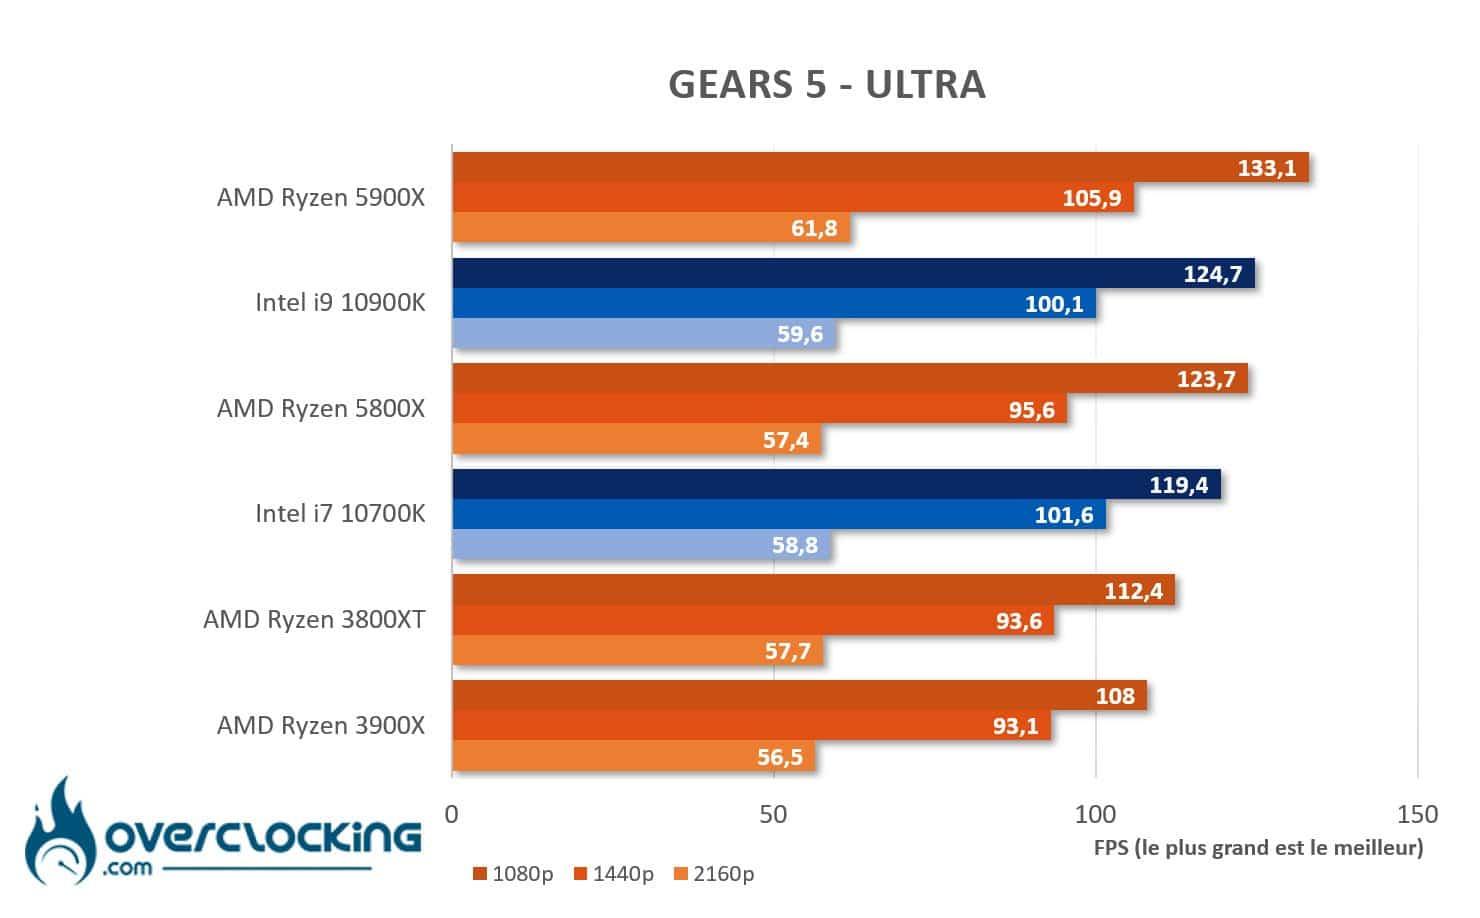 AMD Ryzen 5800X et 5900X sous Gears 5